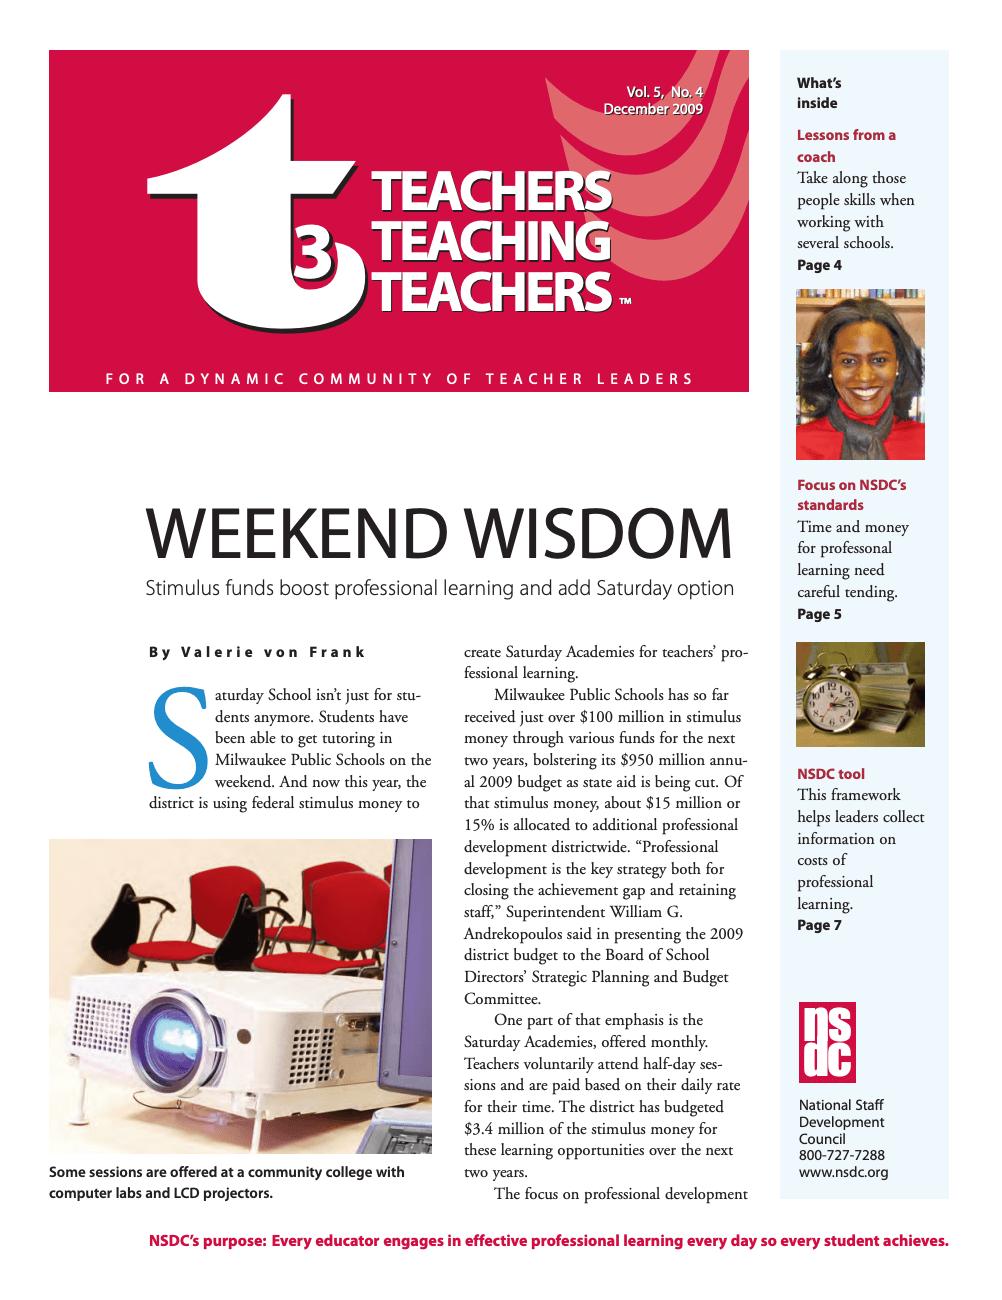 teachers-teaching-teachers-december-2009-vol-5-no-4